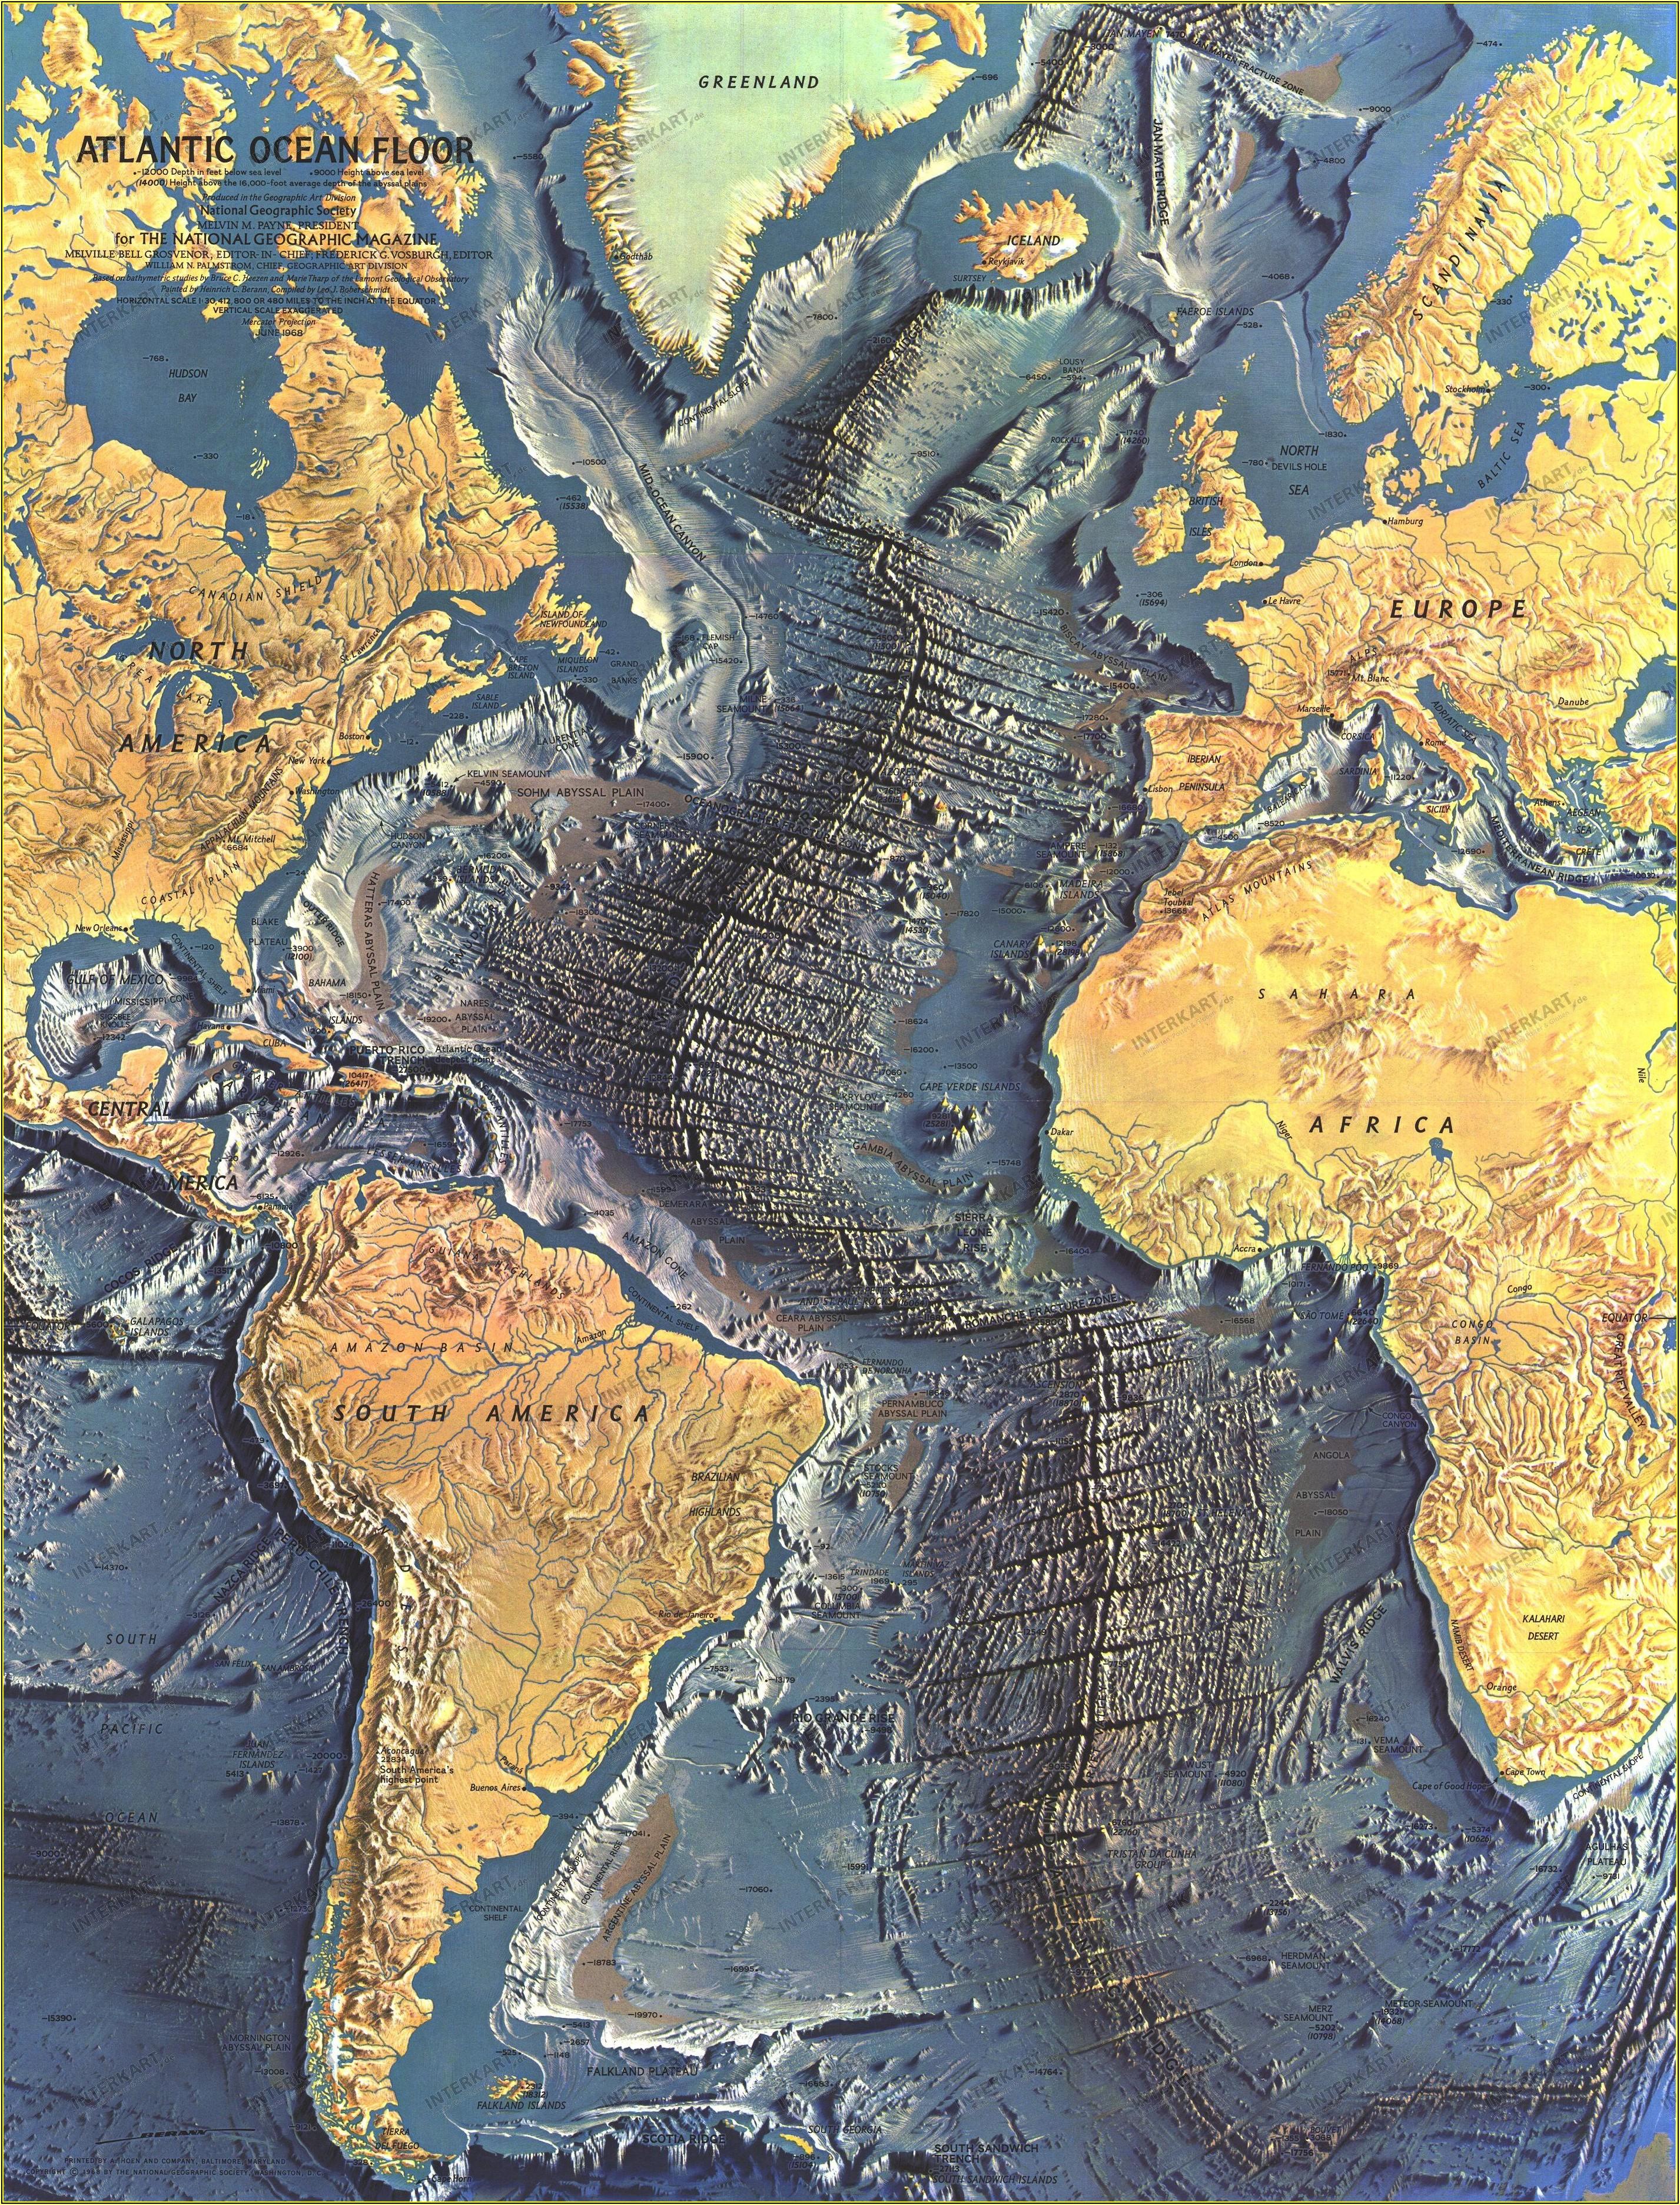 National Geographic Ocean Floor Maps